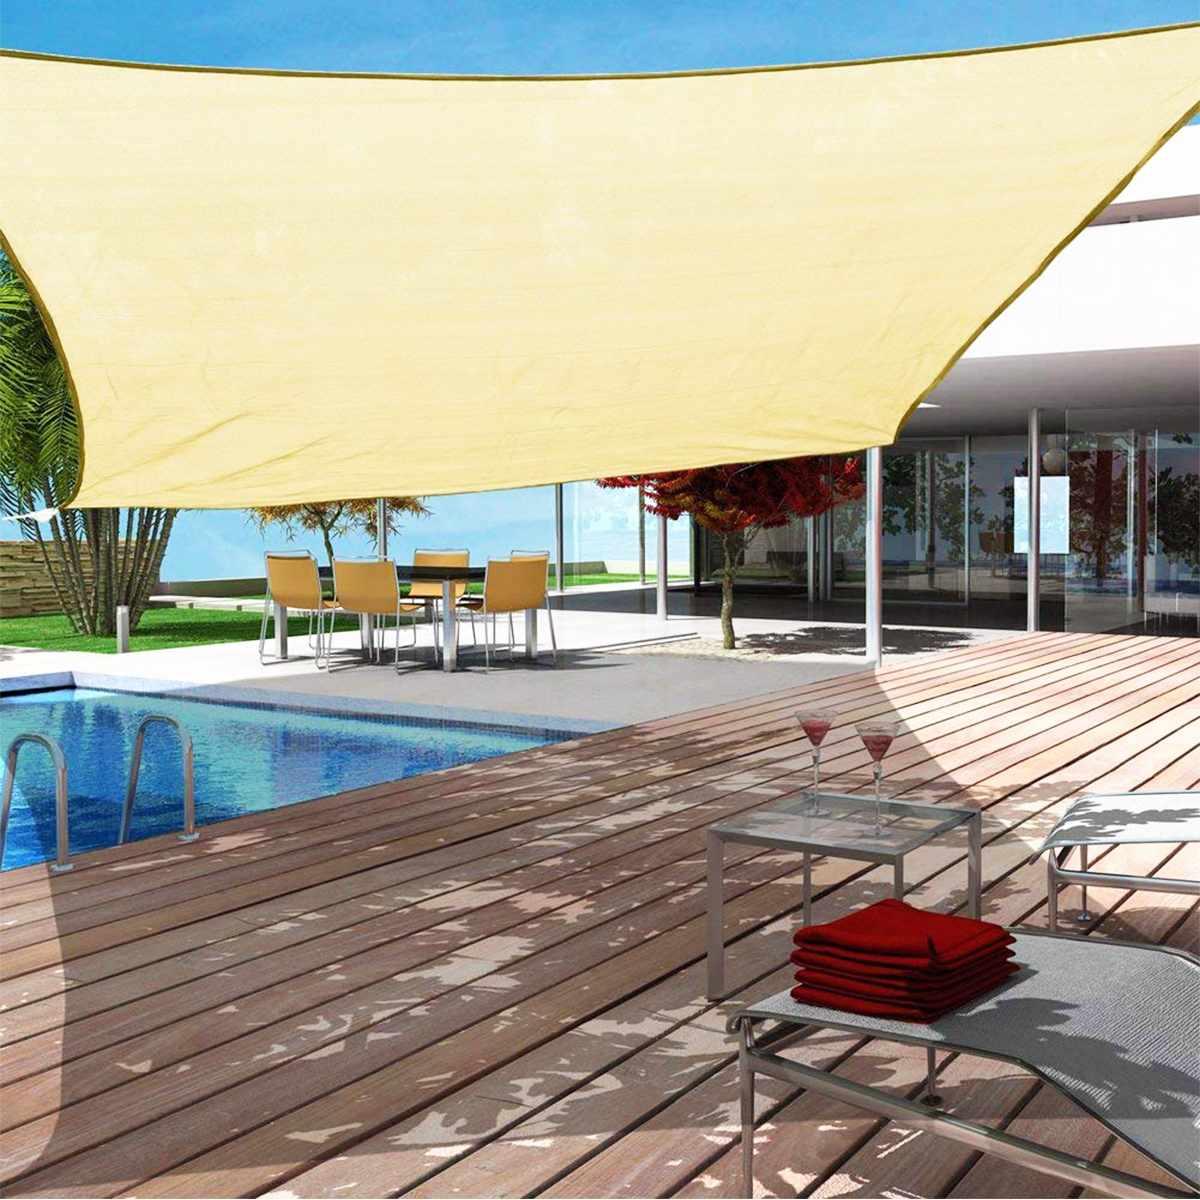 Sand 3x3x4.3 3x4x5 4x4x5.7 5x5x7.1  Sand 300D 160GSM Polyester Oxford Fabric Triangle Shade Sail SunSand 3x3x4.3 3x4x5 4x4x5.7 5x5x7.1  Sand 300D 160GSM Polyester Oxford Fabric Triangle Shade Sail Sun